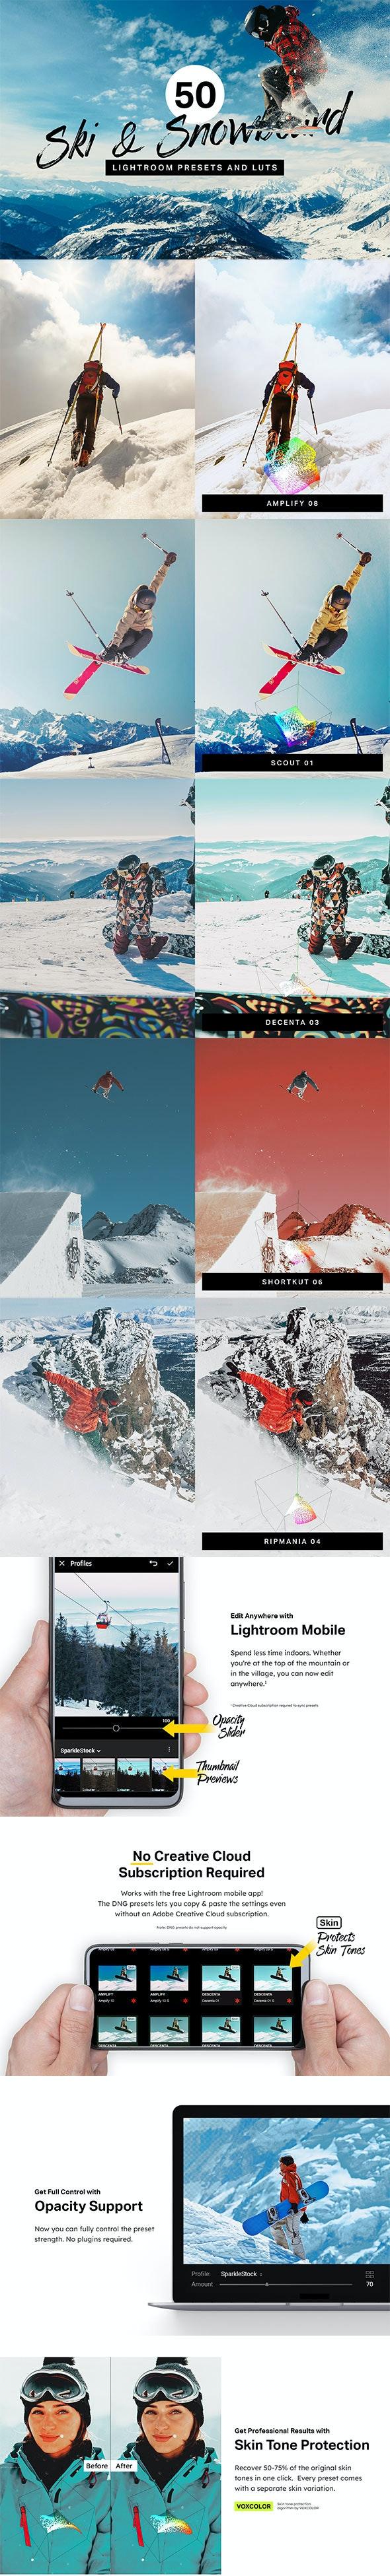 50 Ski & Snowboard Lightroom Presets and LUTs - Landscape Lightroom Presets